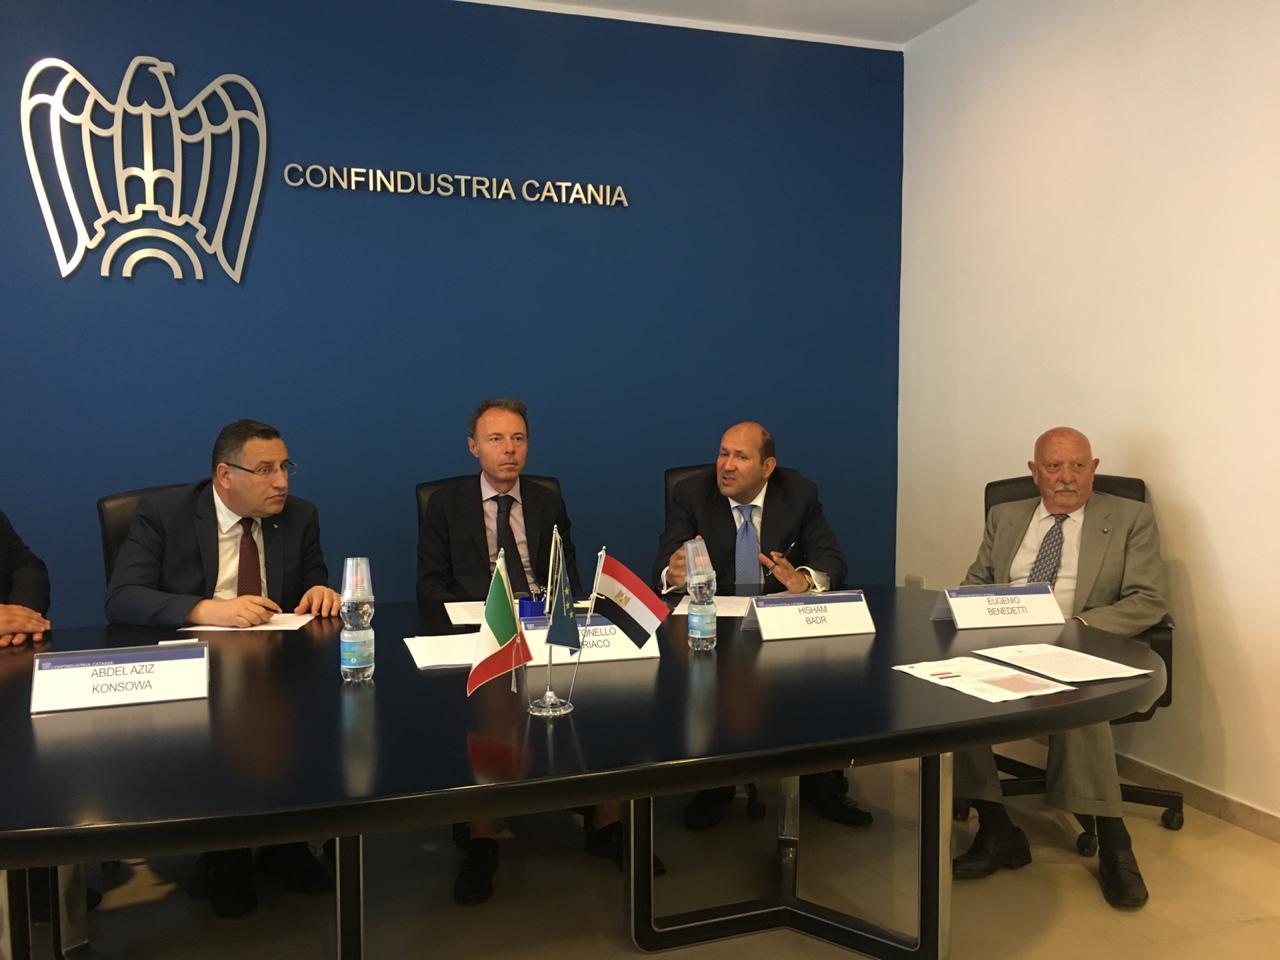 محافظ الاسكندرية يبحث تعزيز الاستثمار مع  اتحاد الصناعات بصقلية (4)